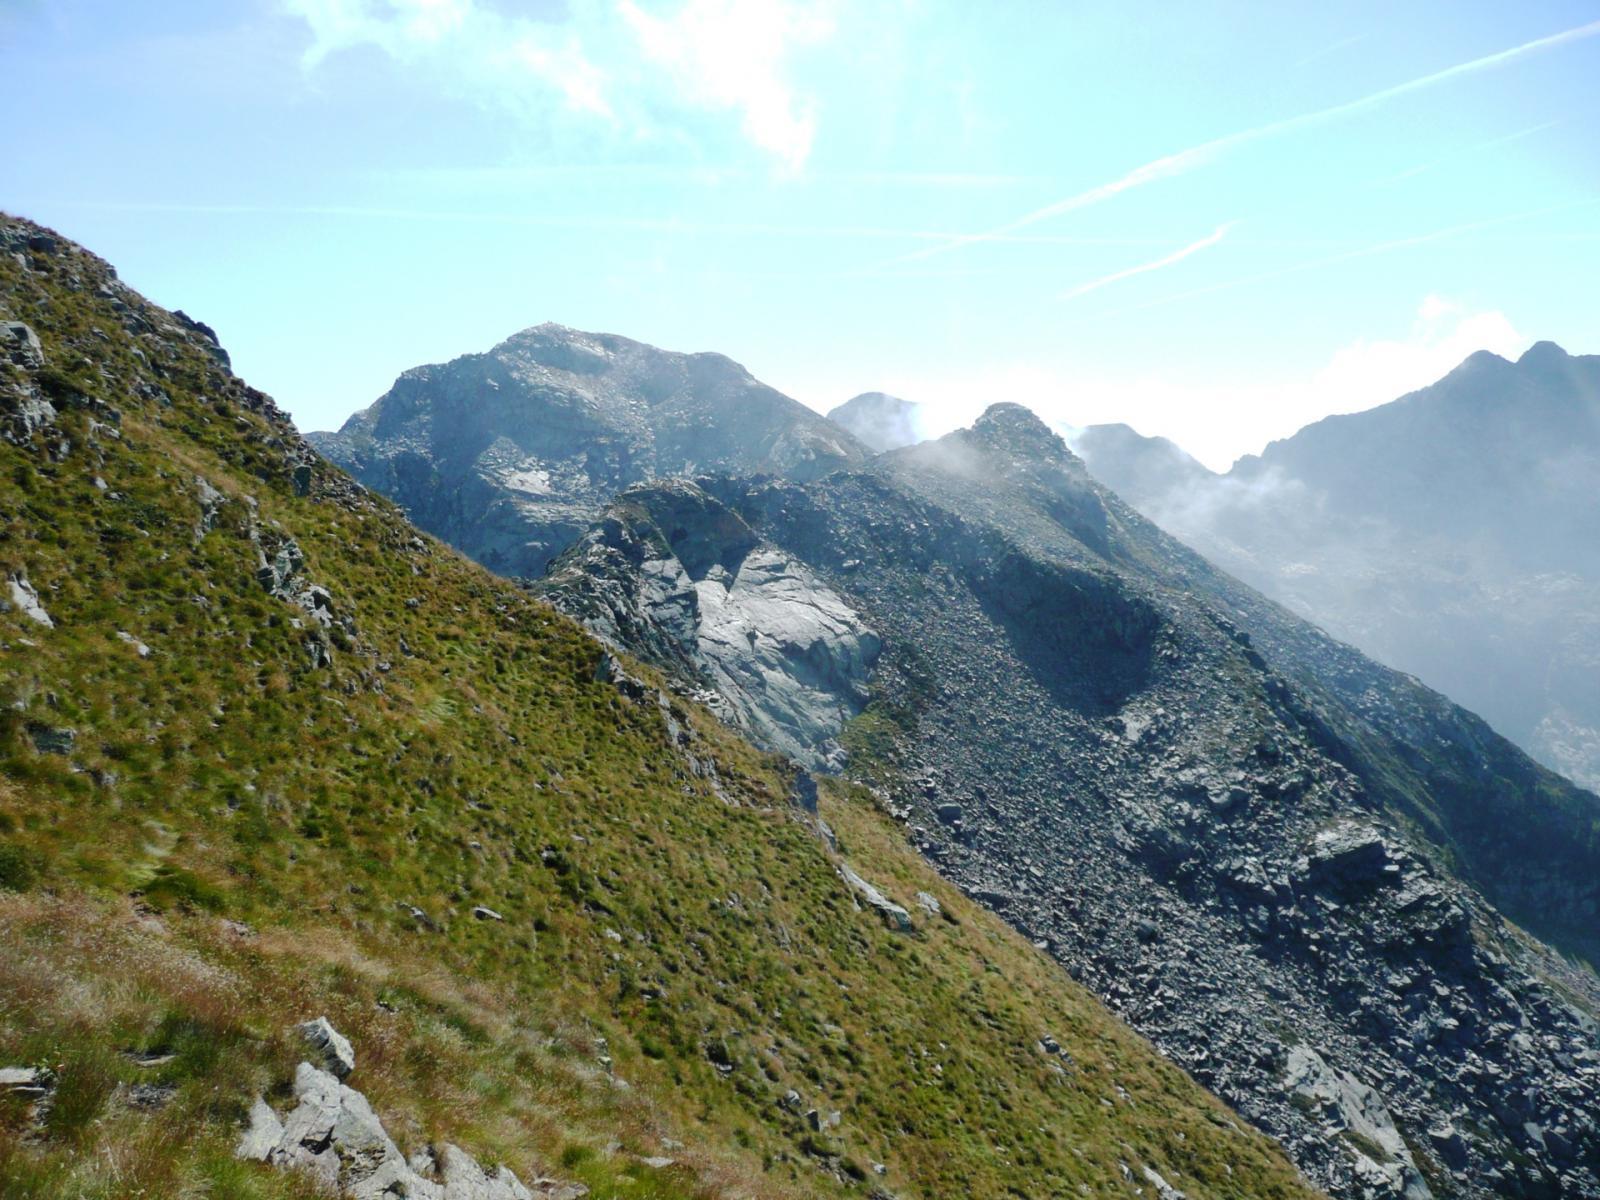 sul versante opposto, dalle verdi pendici del Gran Gabe, il minuscolo Lej Long cartografico (Piccolo Lej Long) ed il maestoso Lej Long topografico (Gran Lej Long)